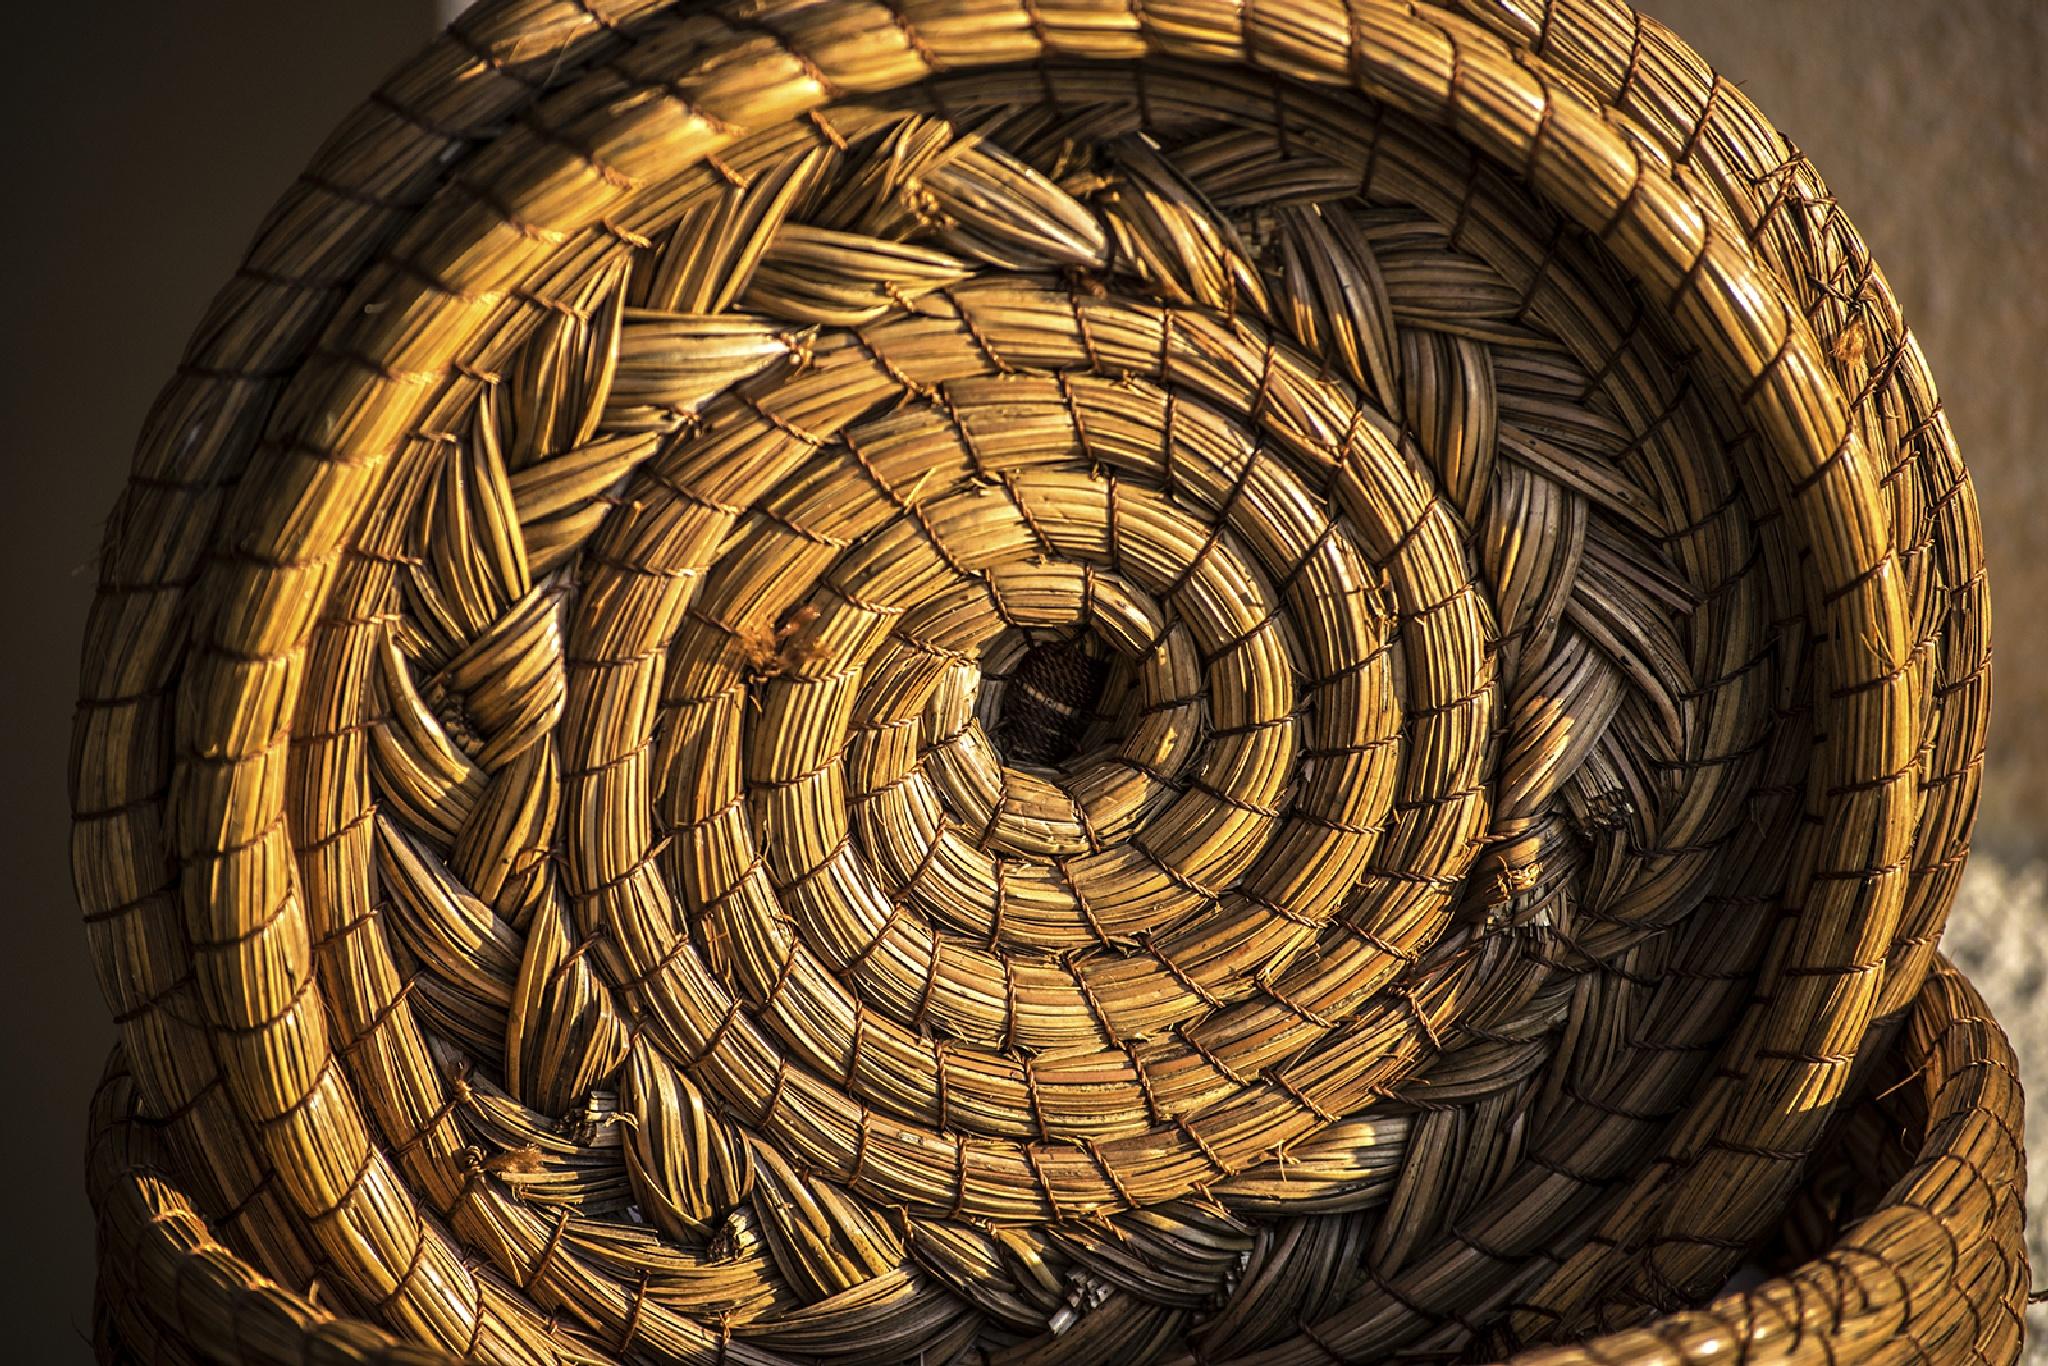 Tortilla's storage basket by Sergio Yorick